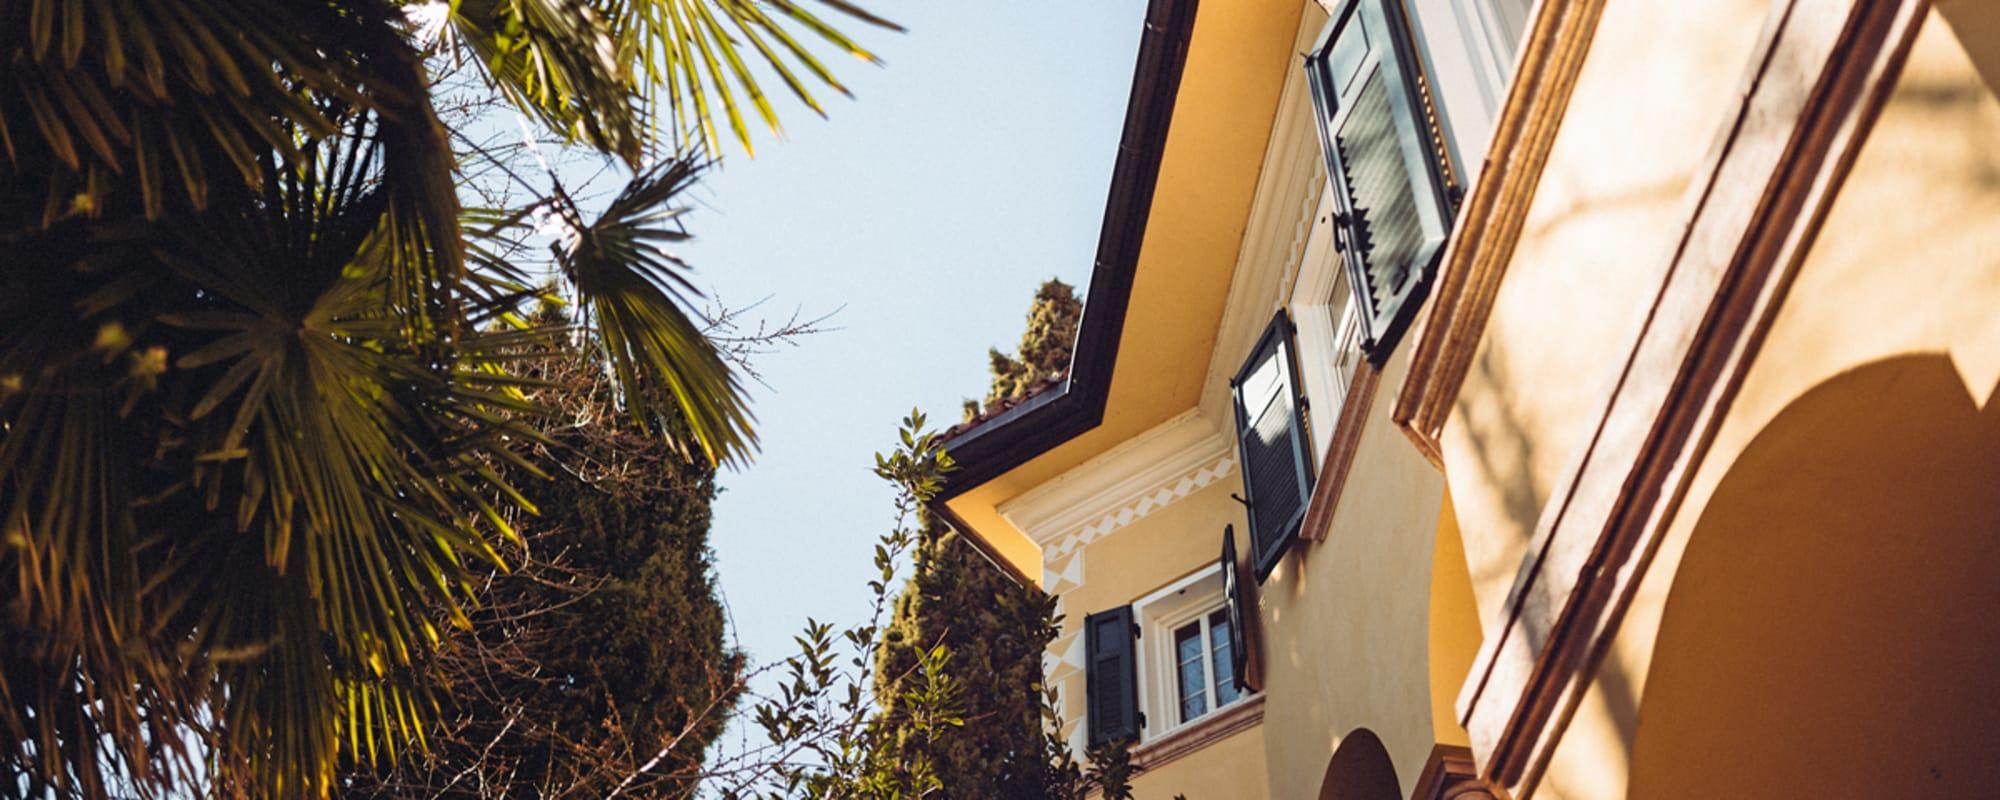 Villa Arnica, Alto Adige, AD